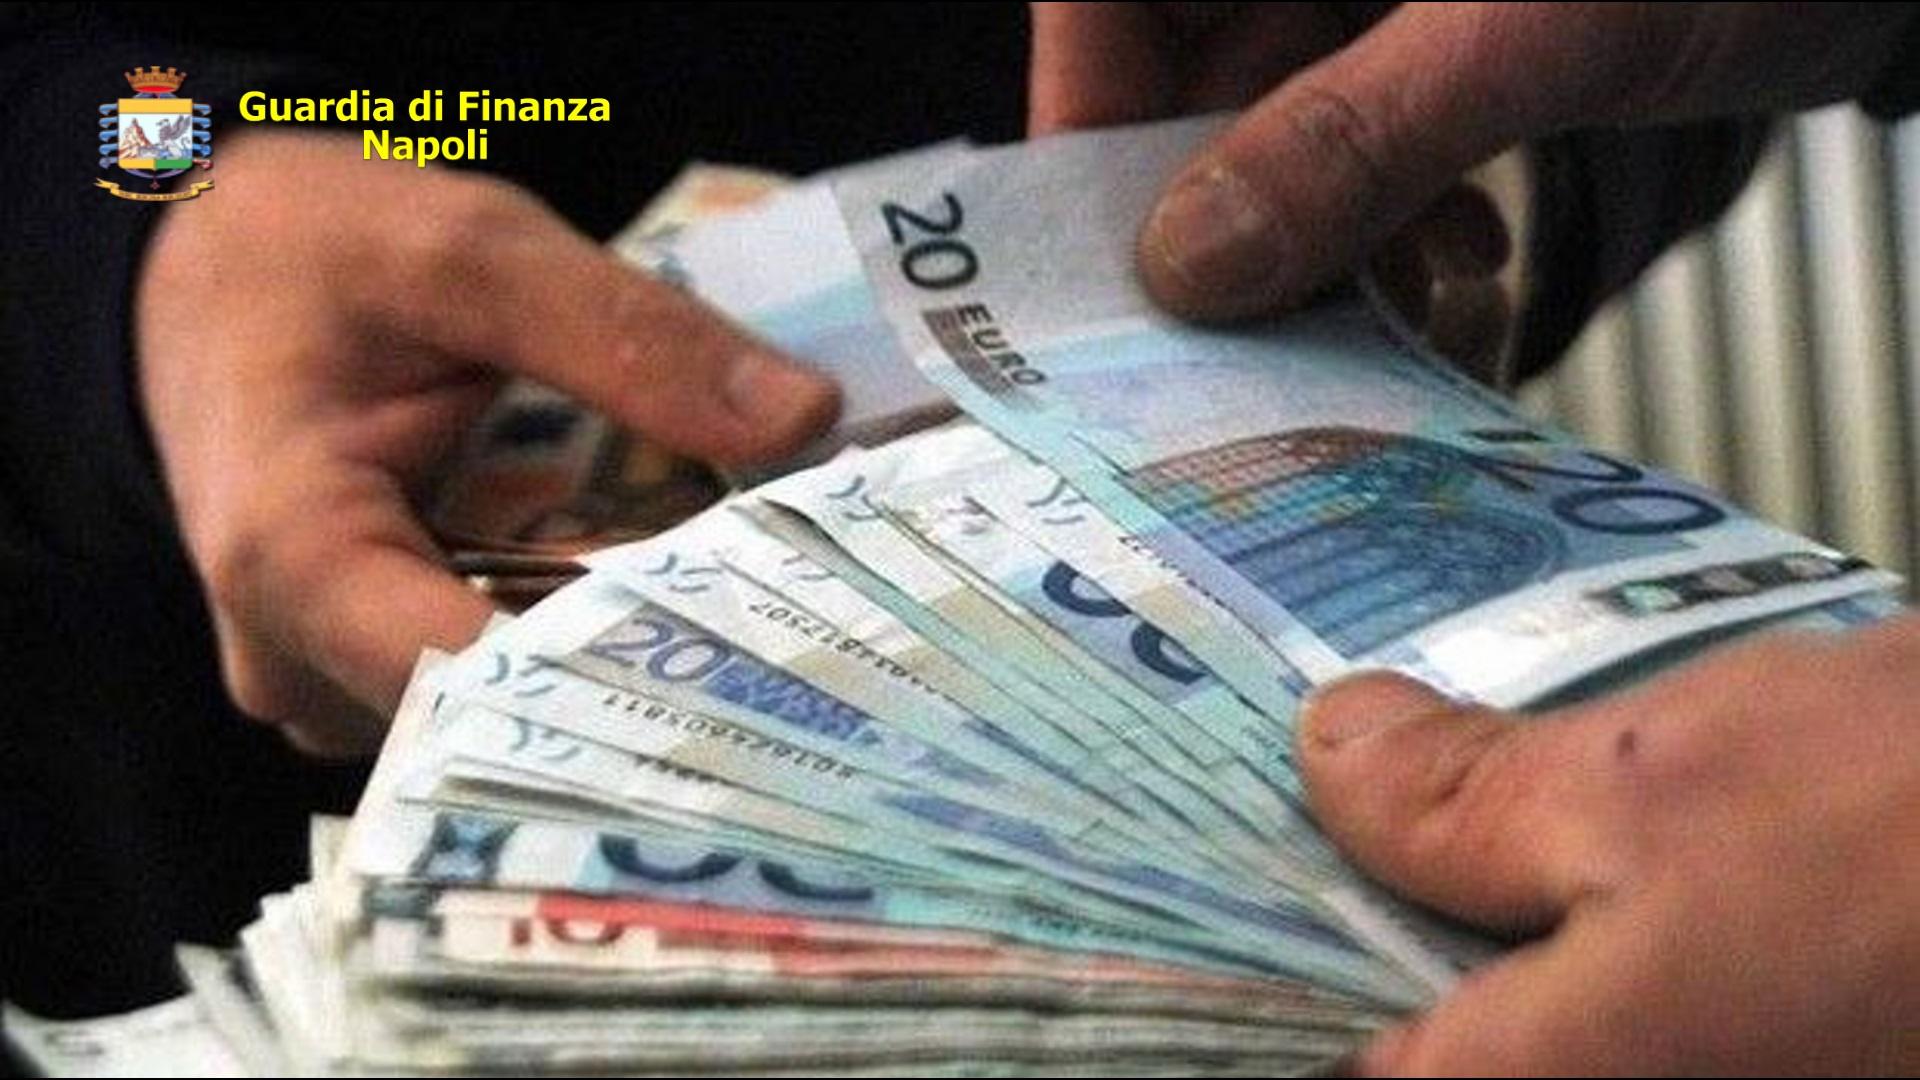 Usura, a Napoli coniugi davano soldi al 400 per cento di interesse